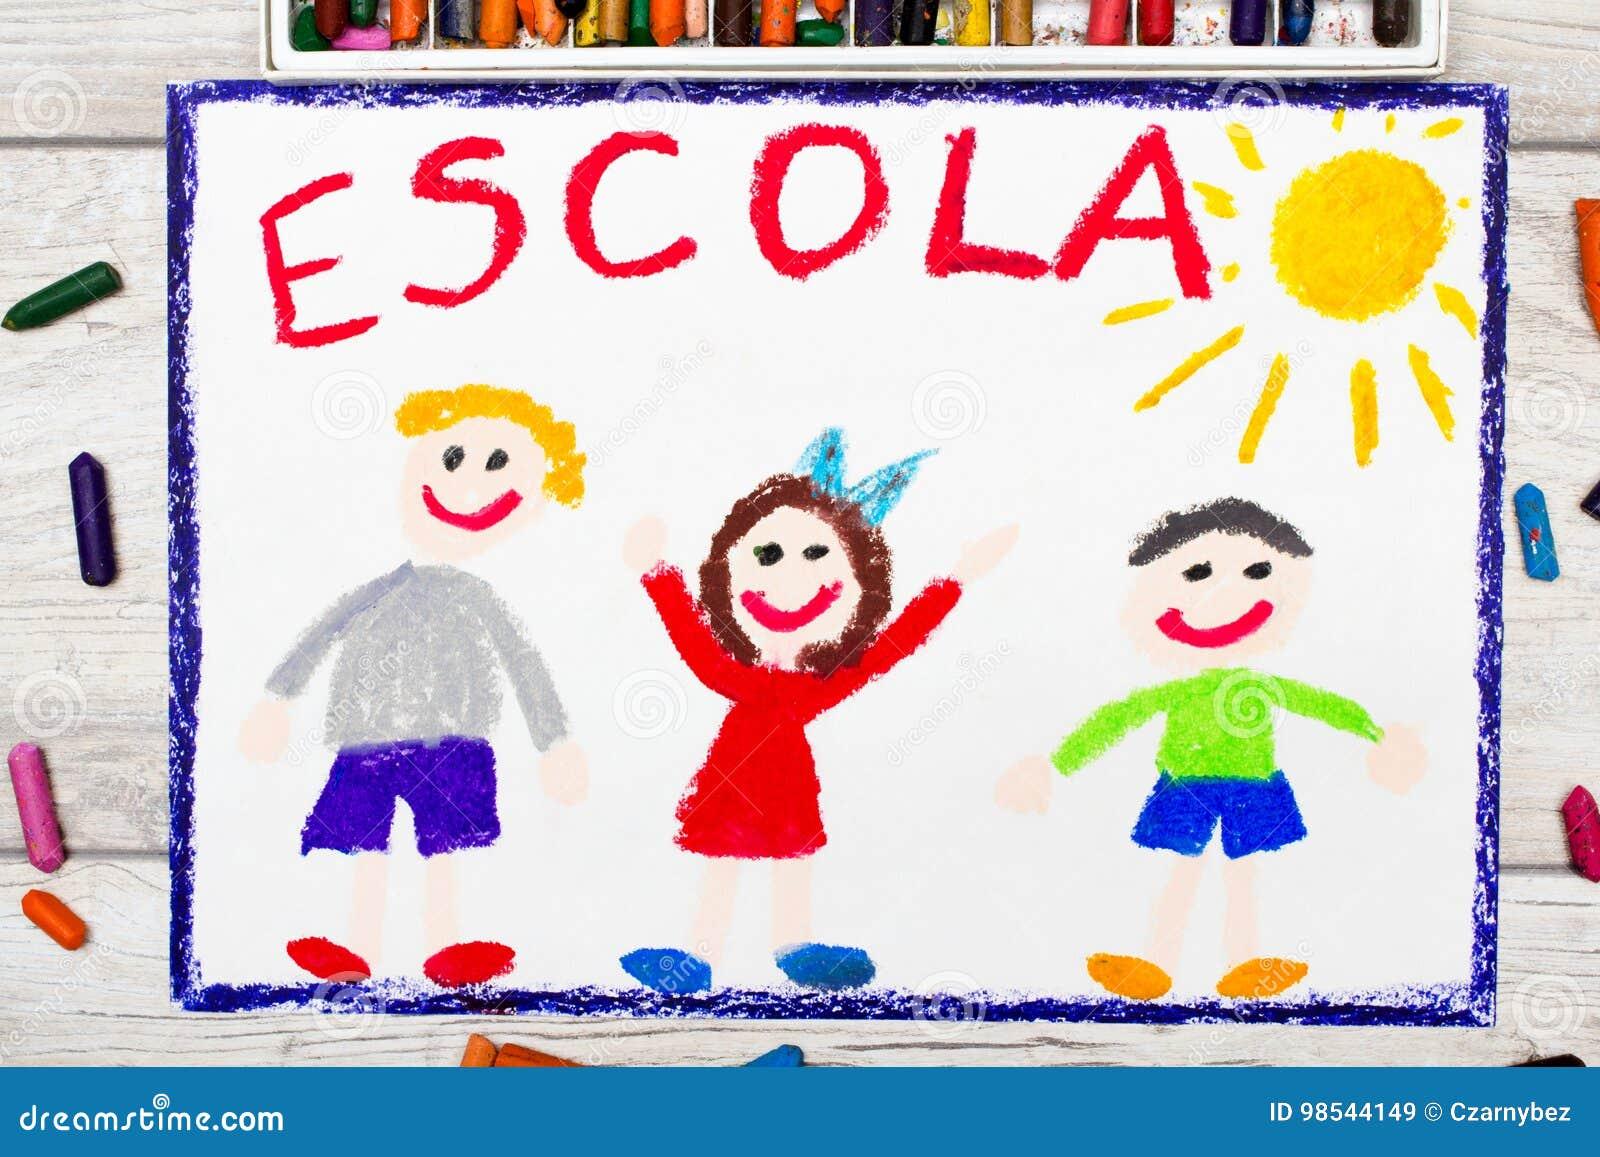 Foto Do Desenho Colorido Escola Portuguesa Da Palavra Ilustracao